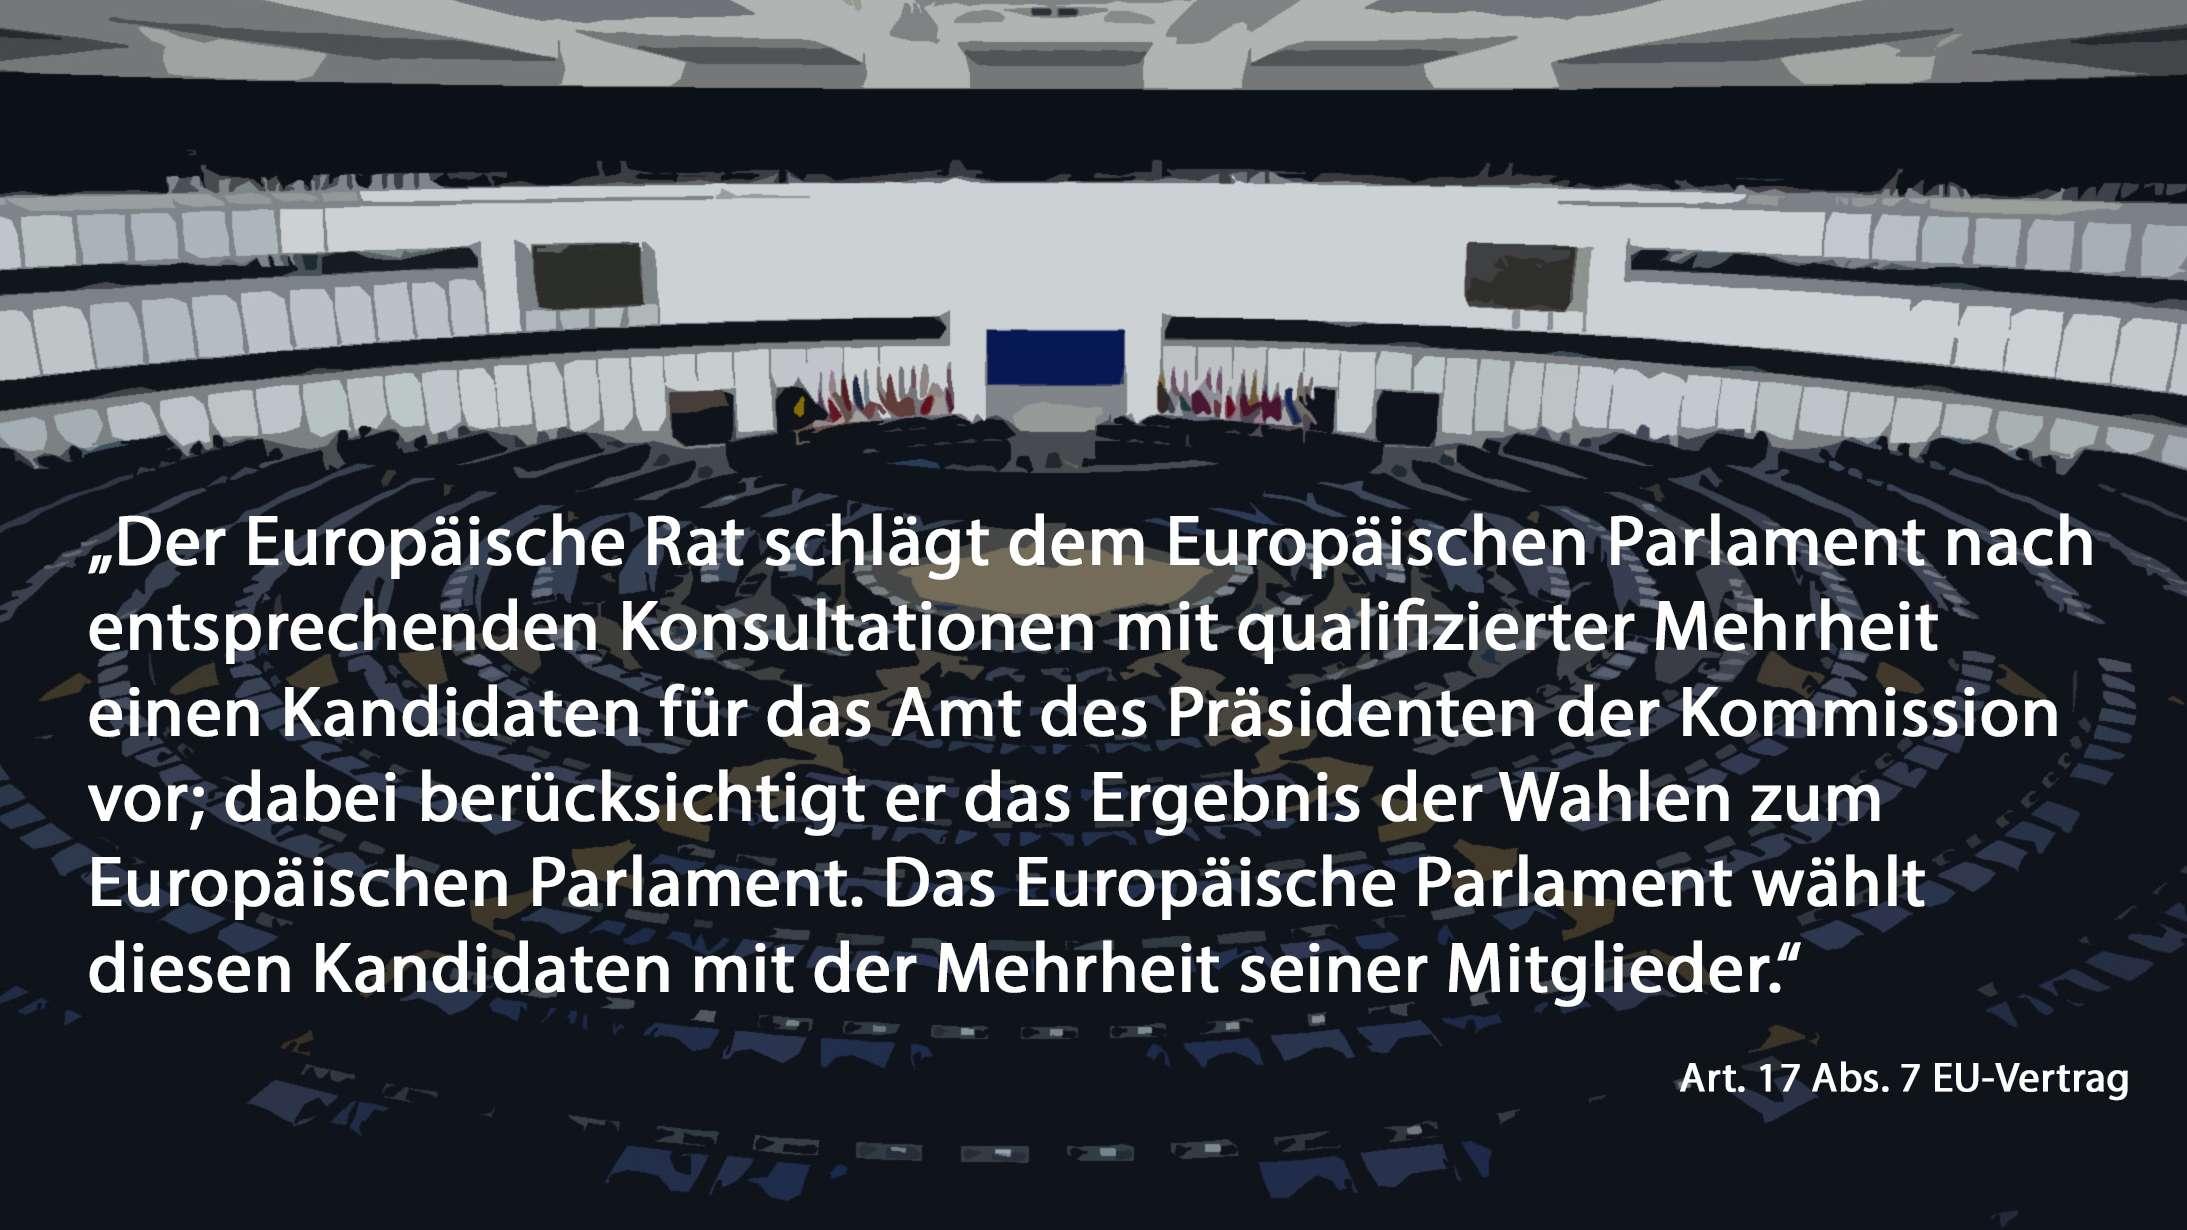 Artikel 17, Absatz 7 des EU-Vertrags